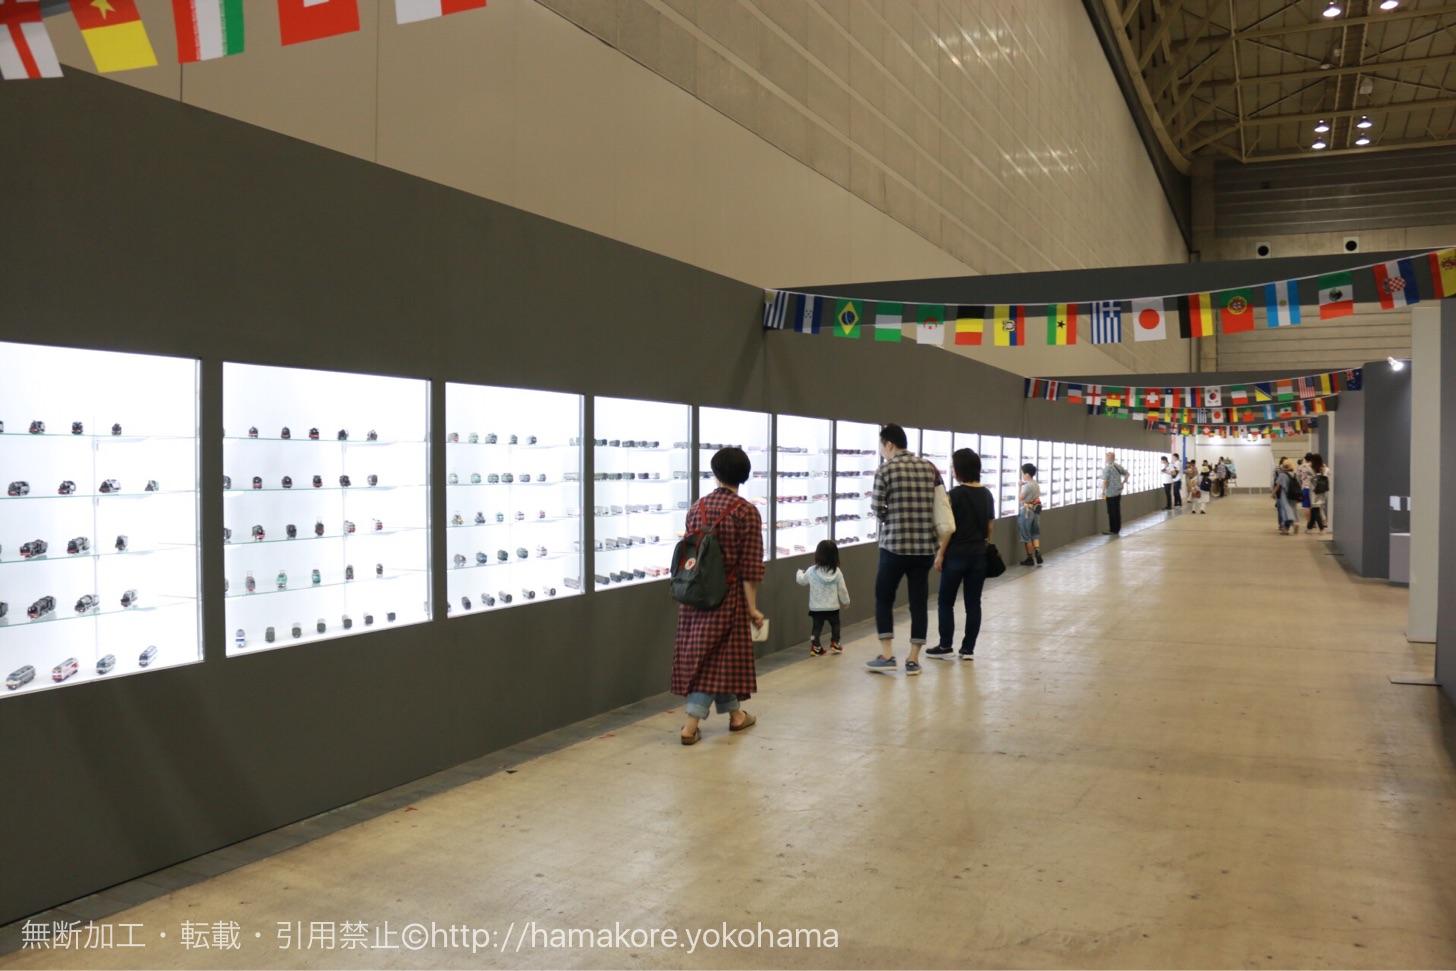 鉄道模型の展示